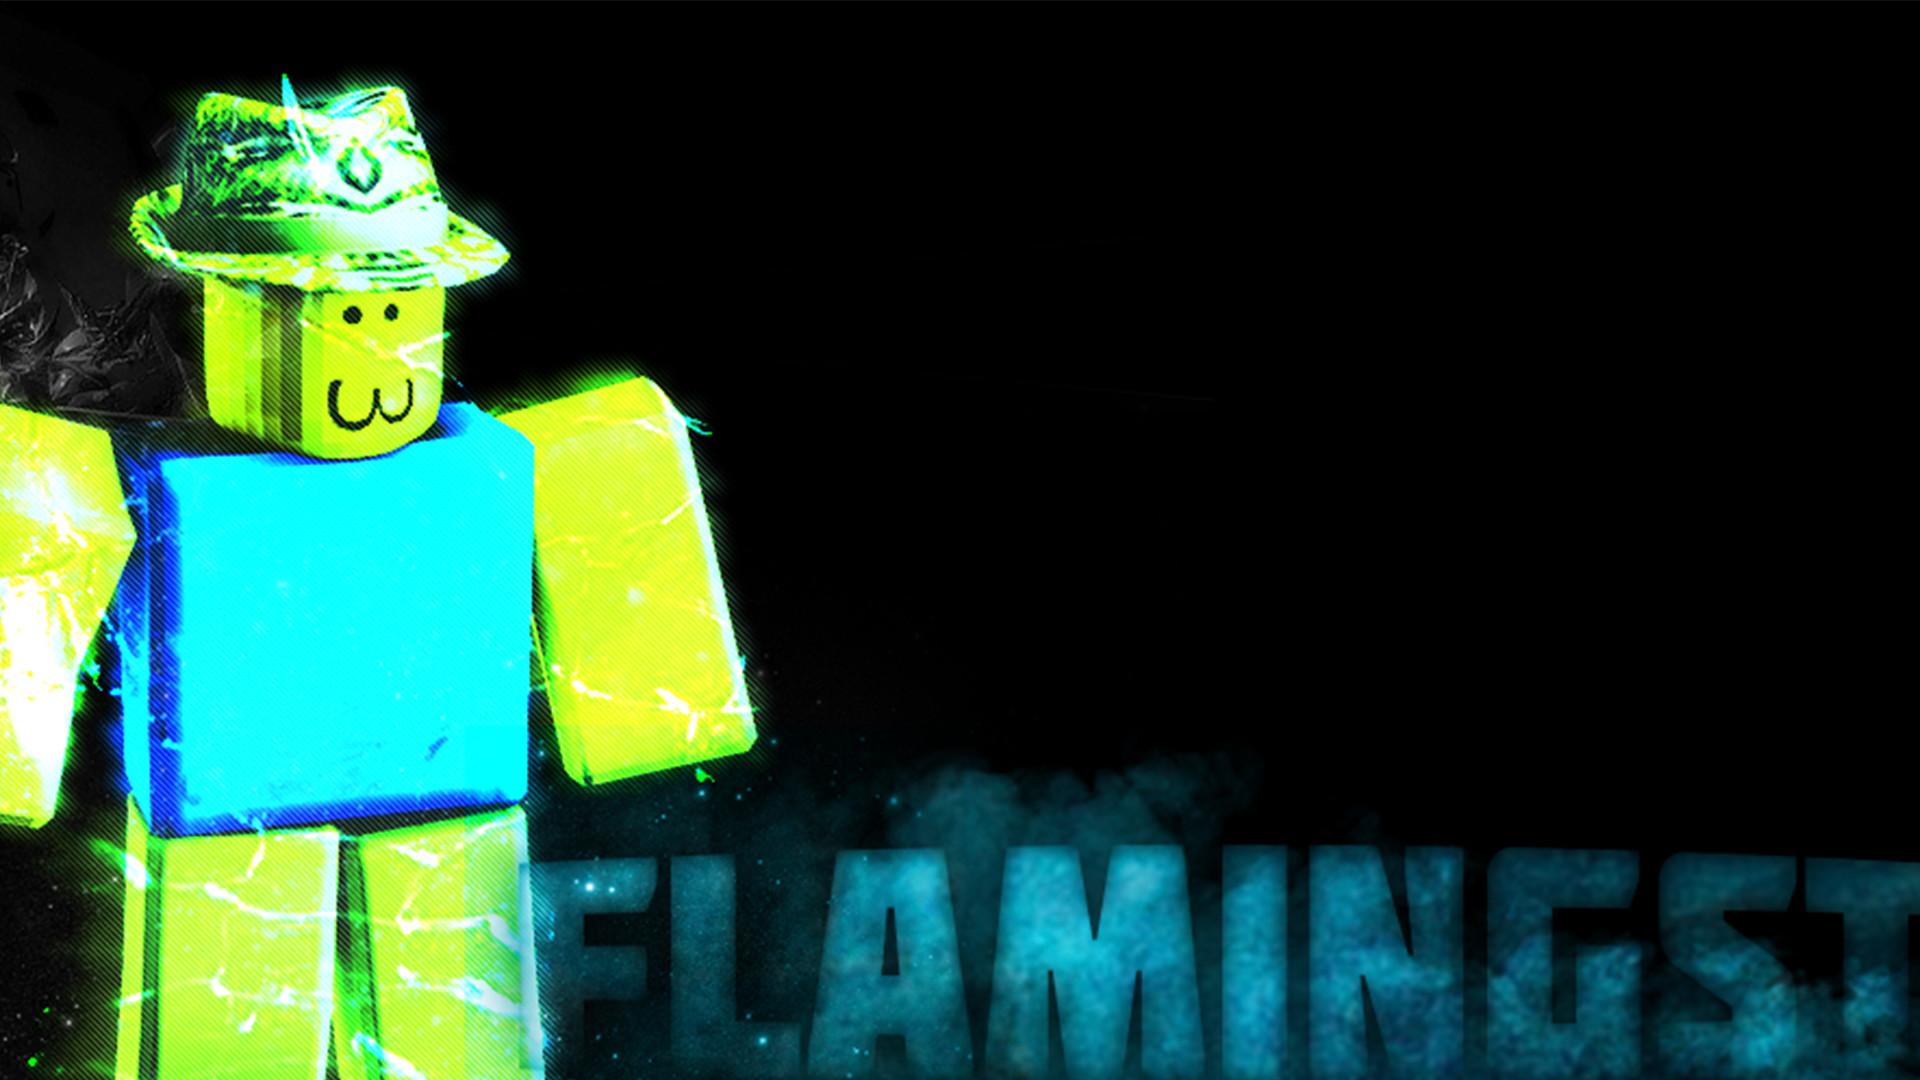 Roblox Gfx By Flamingst Data Src Noob Wallpaper Roblox 1920x1080 Wallpaper Teahub Io